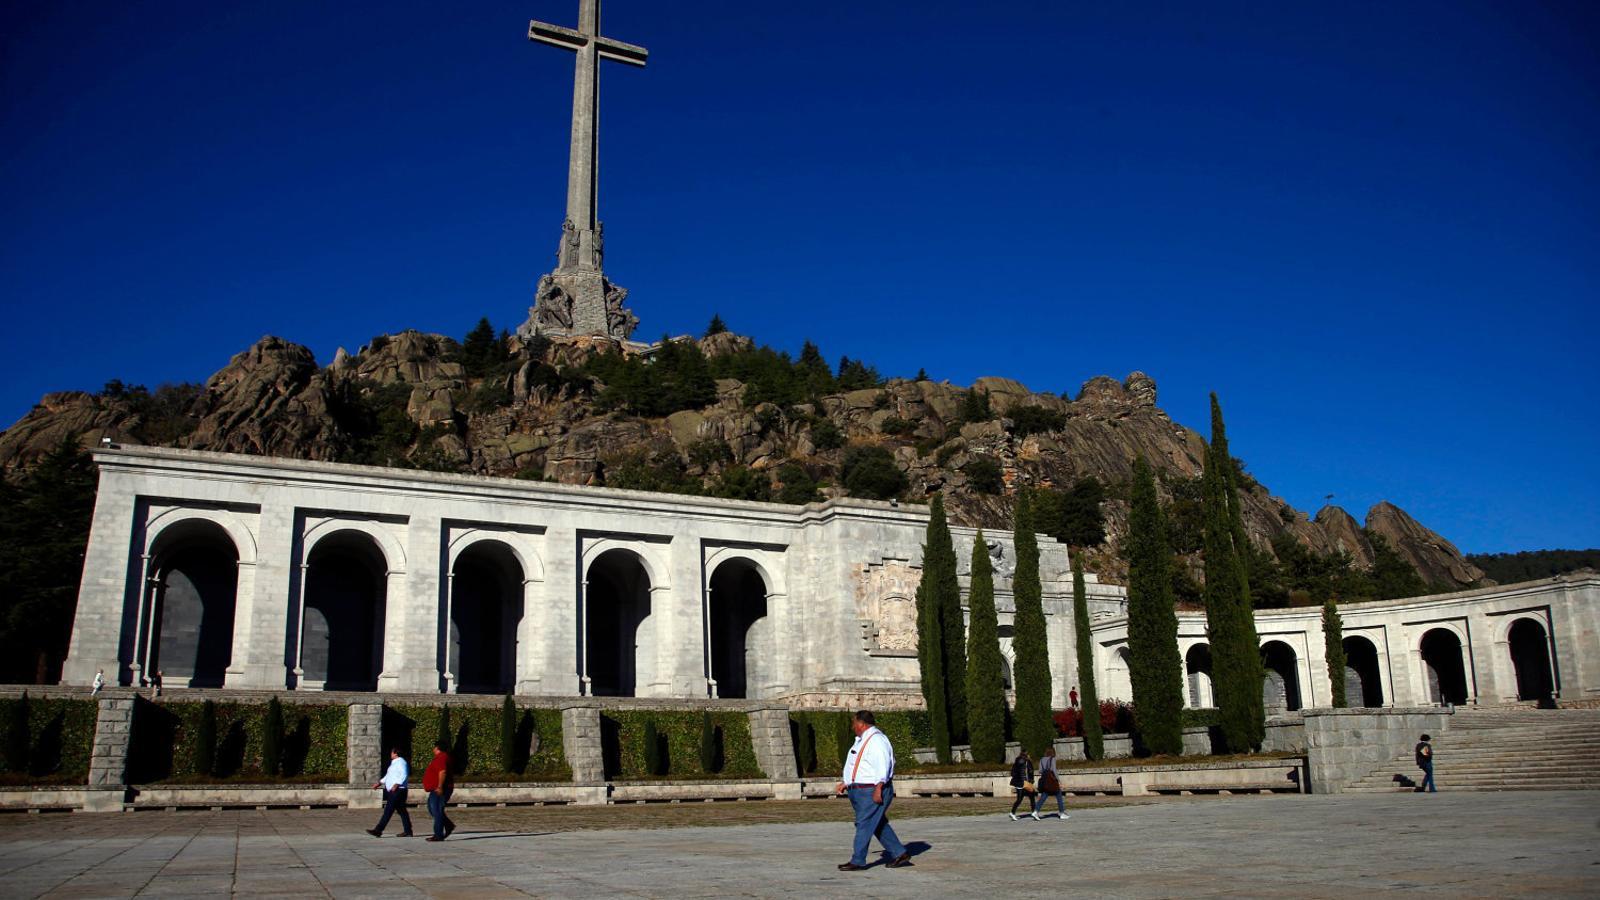 La Moncloa avança en l'exhumació de Franco: en un mes vol tenir llesta la feina administrativa